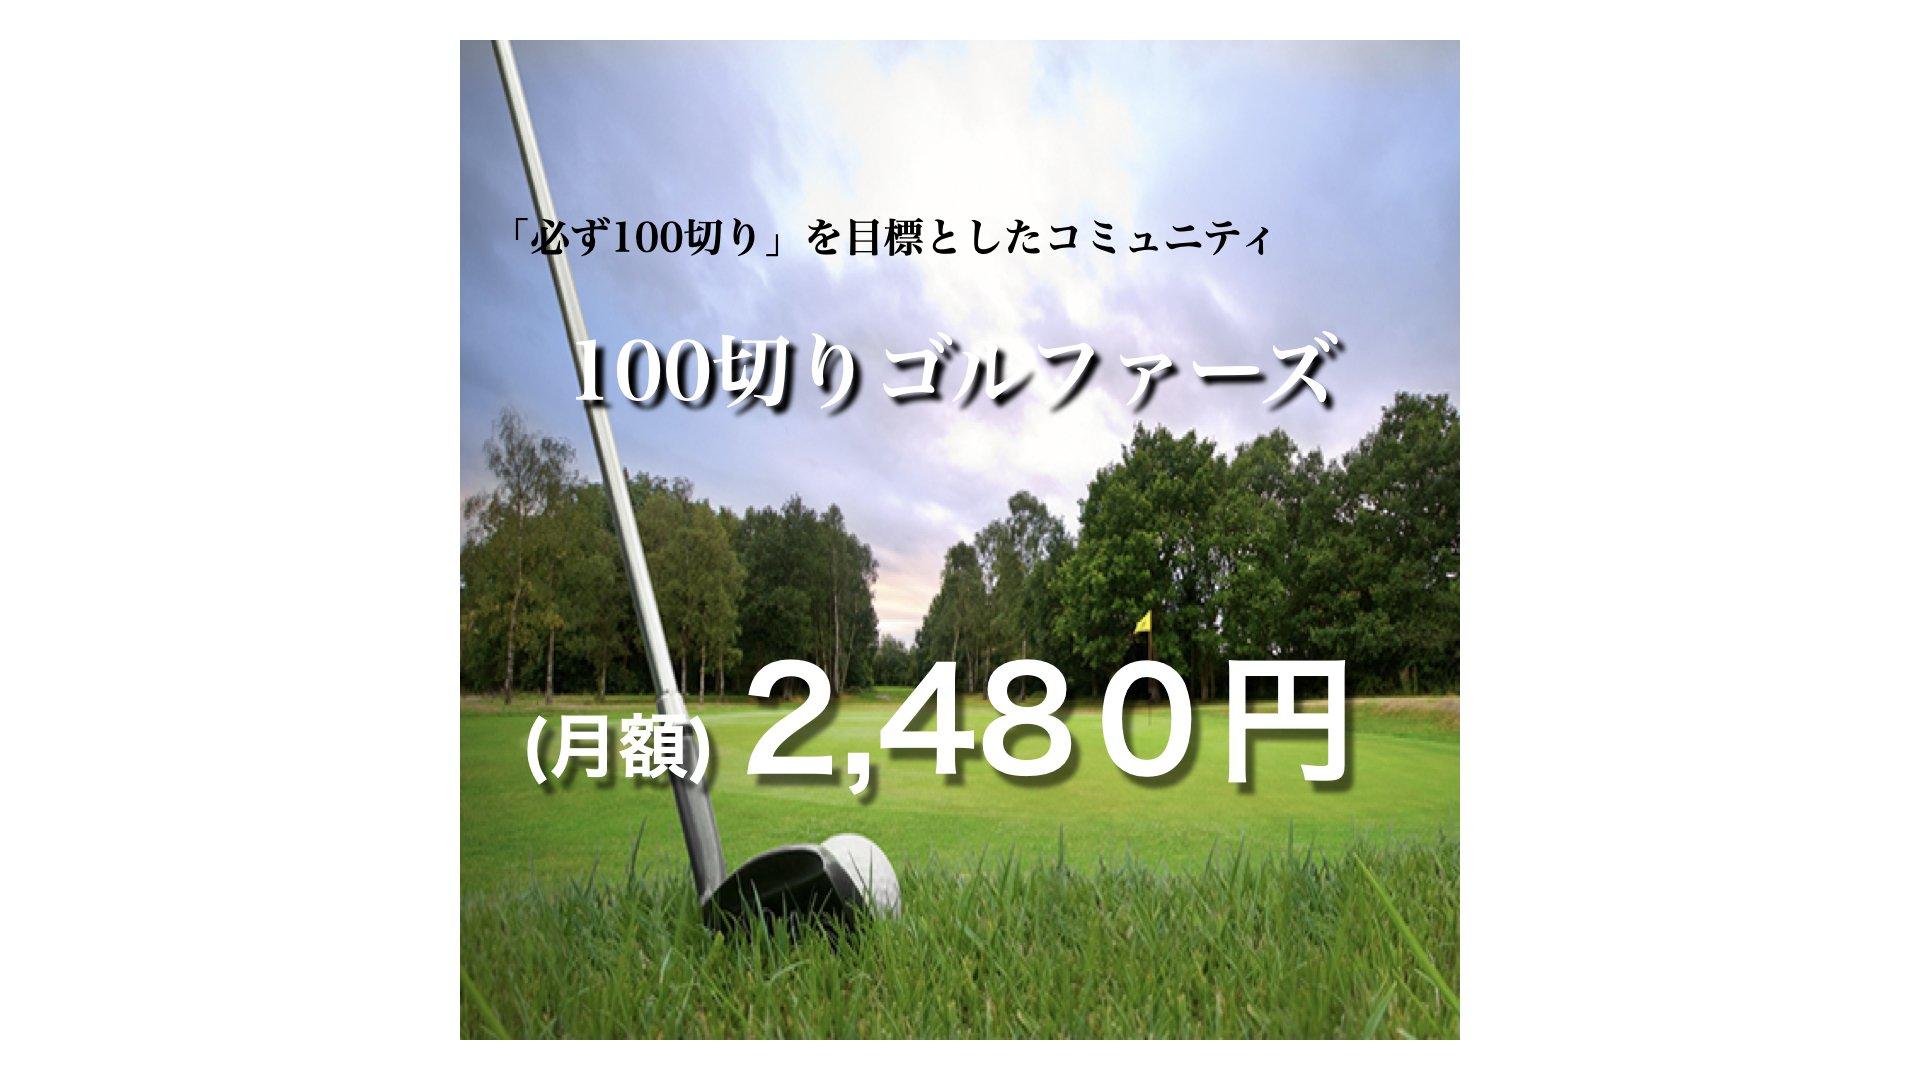 100切りゴルフファーズ コミュニティのイメージその1